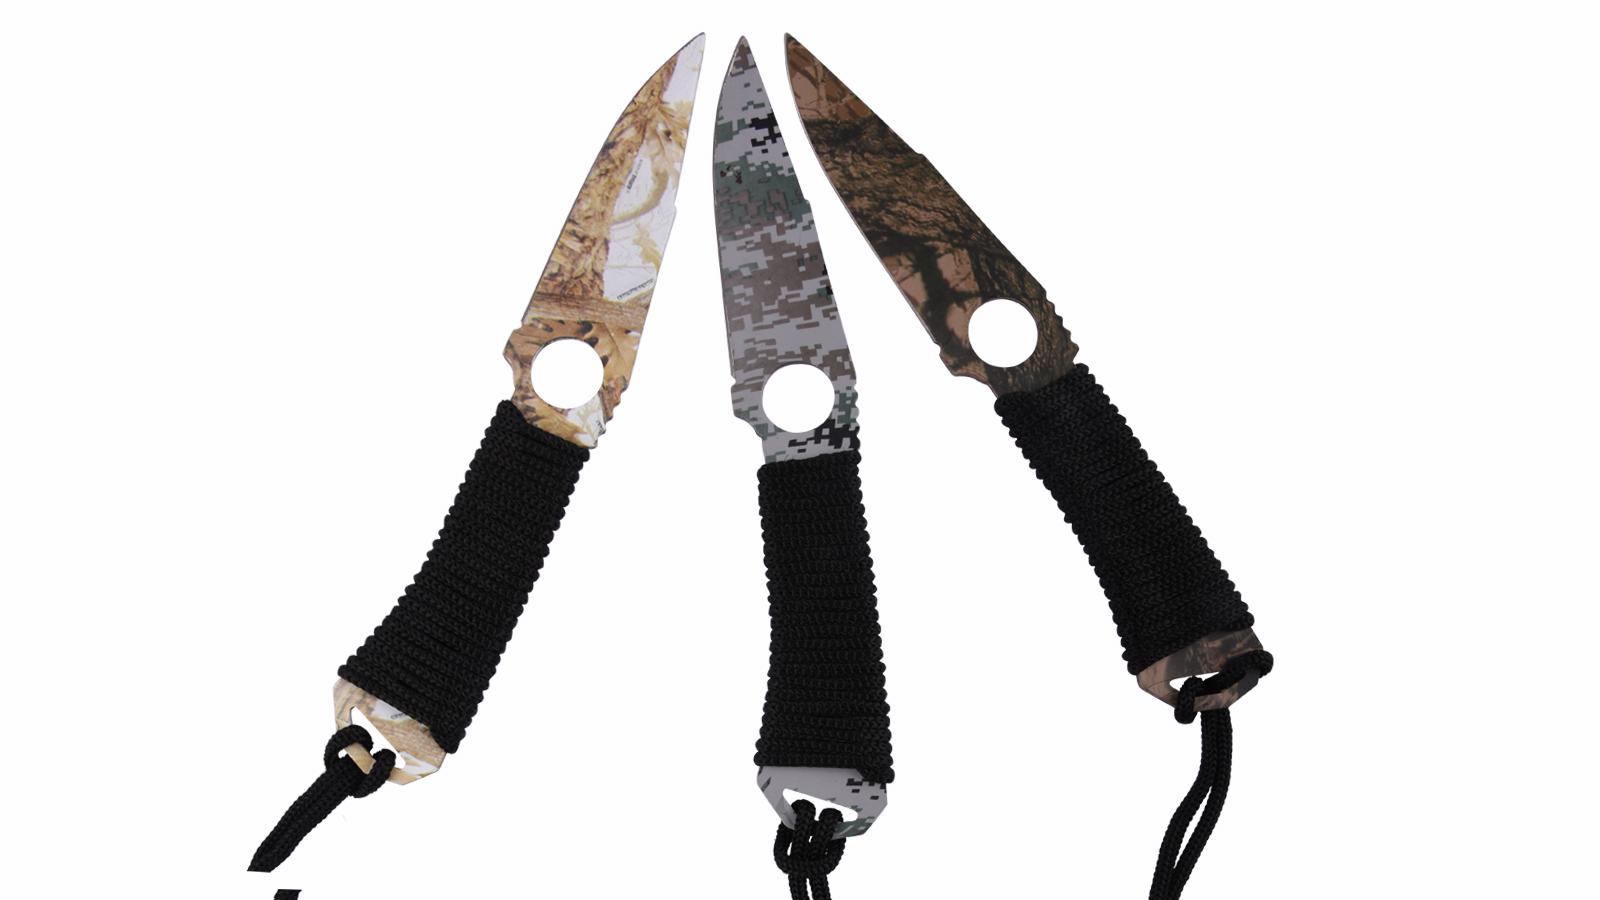 Заказать метательные ножи Камуфляж